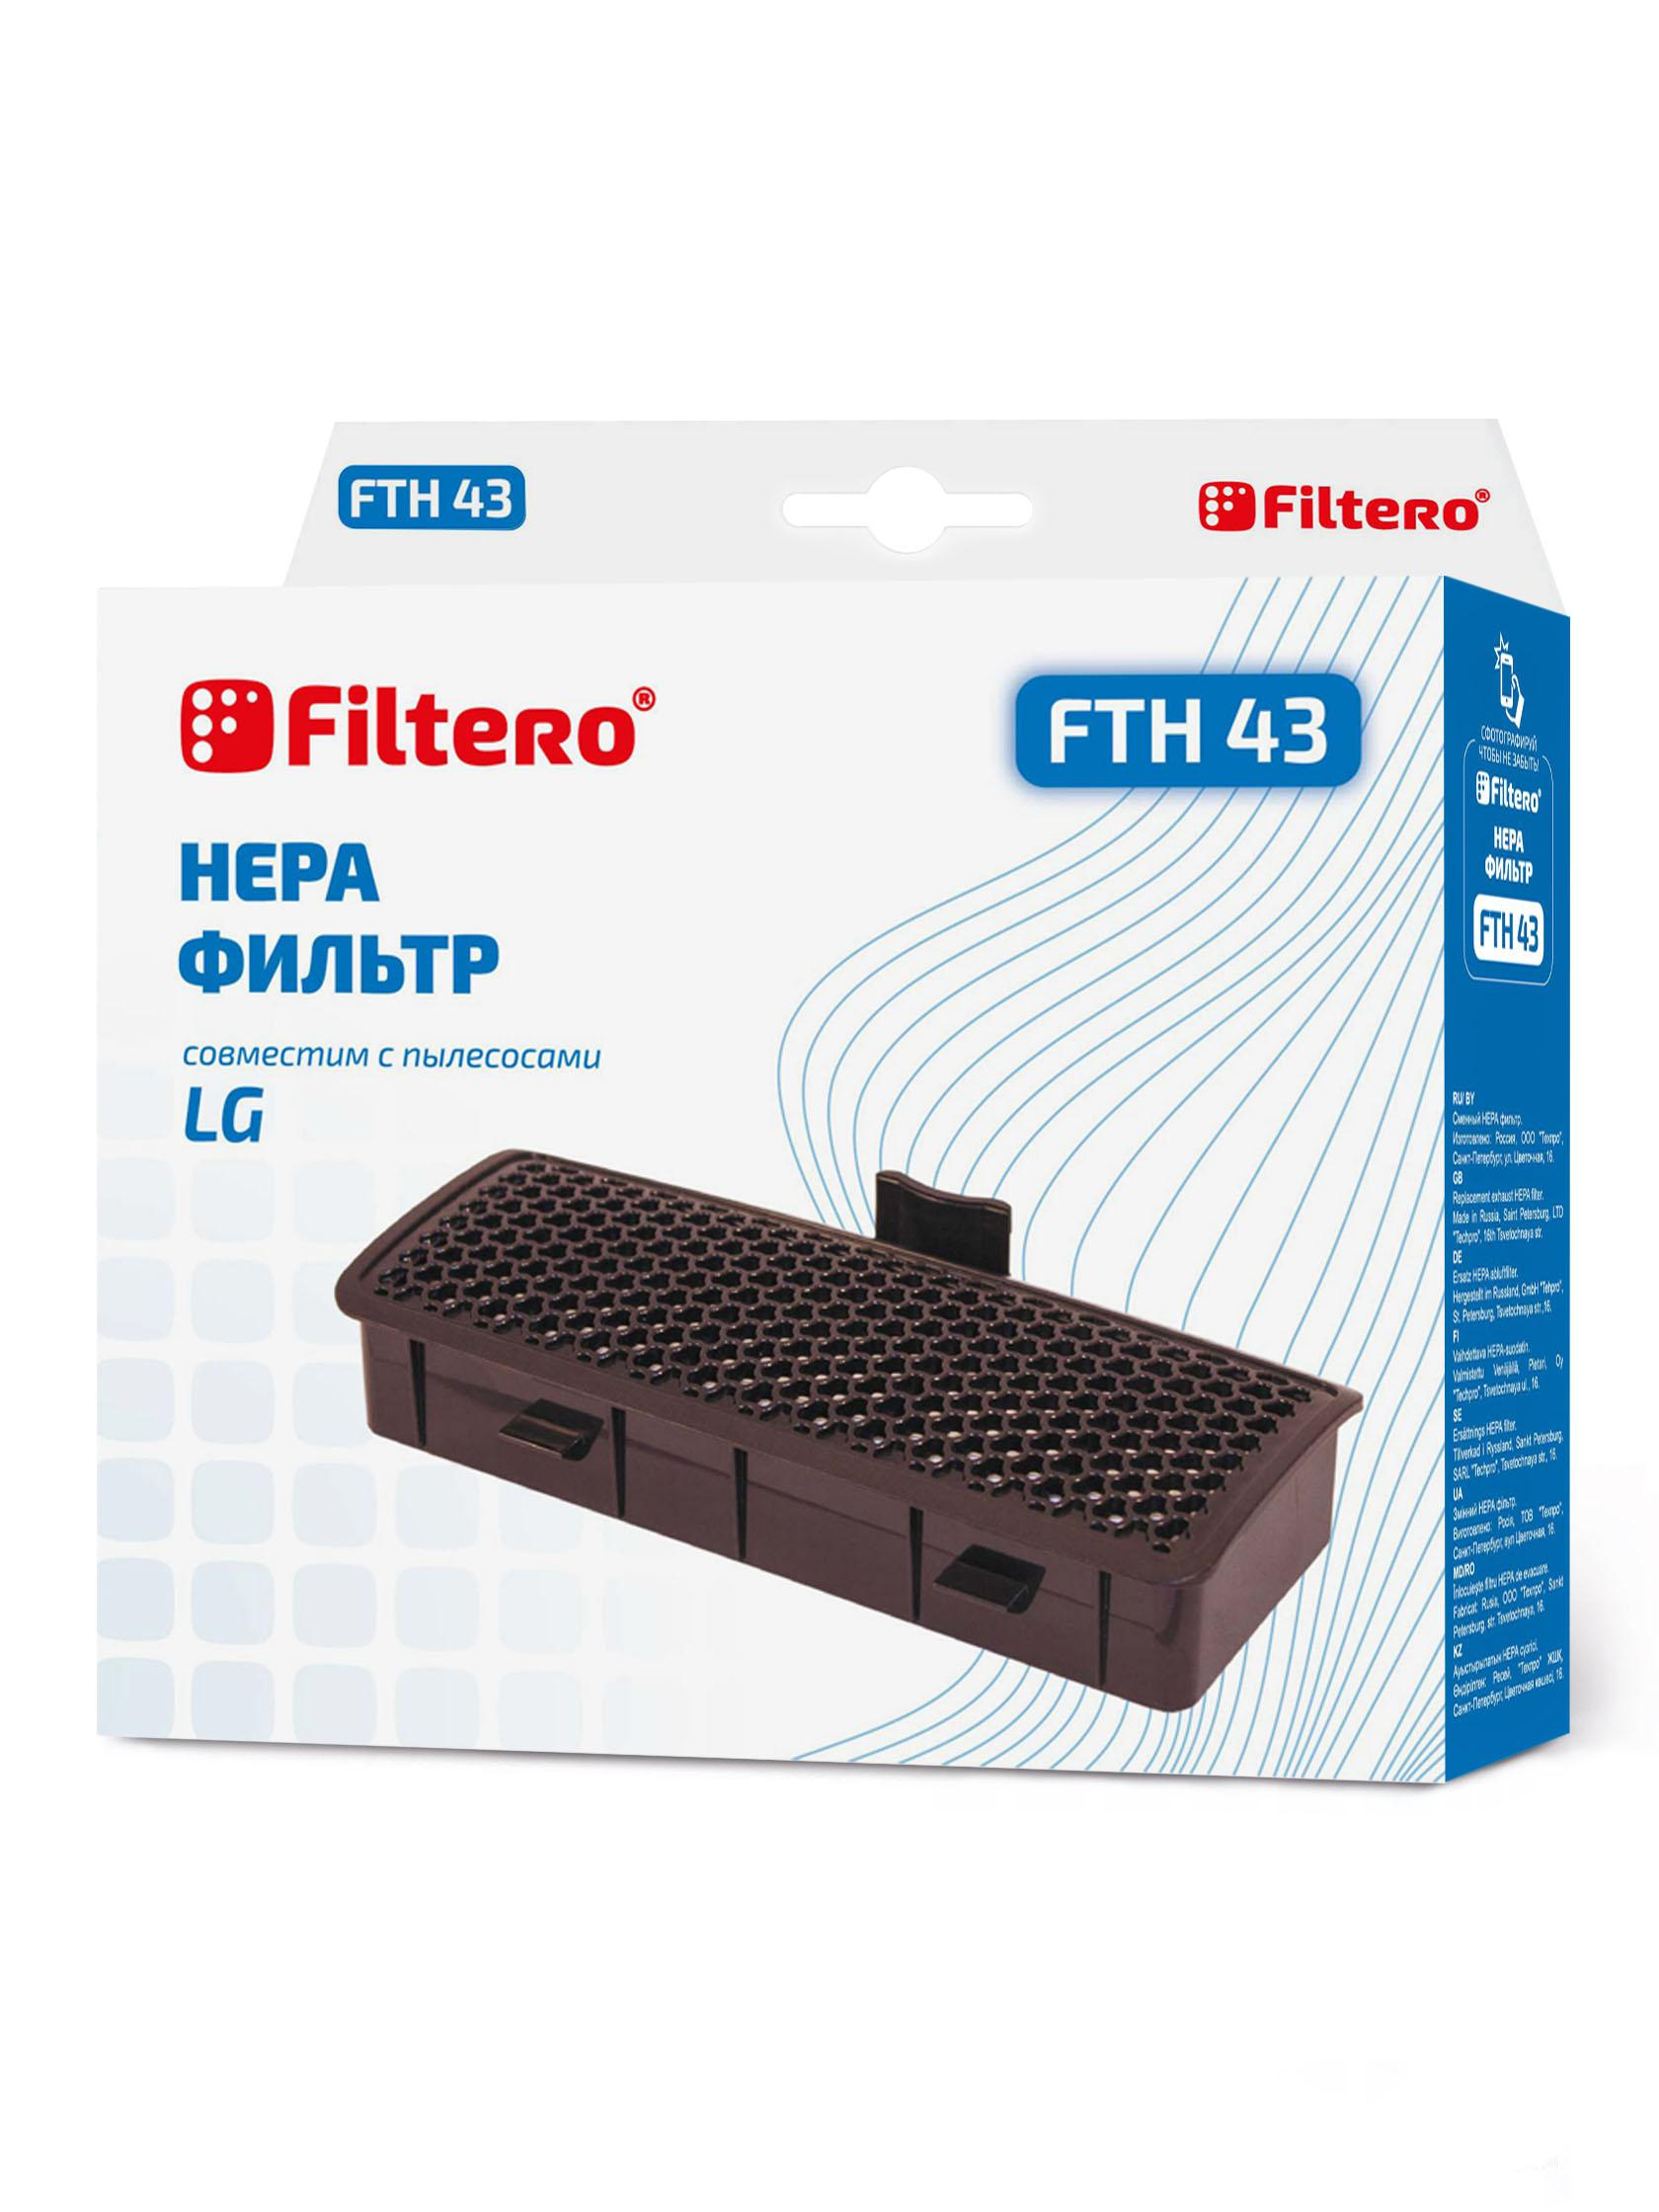 Фильтр Filtero Fth 43 lge пылесборник для пылесоса filtero lge 02 5 standard lge 02 5 standard